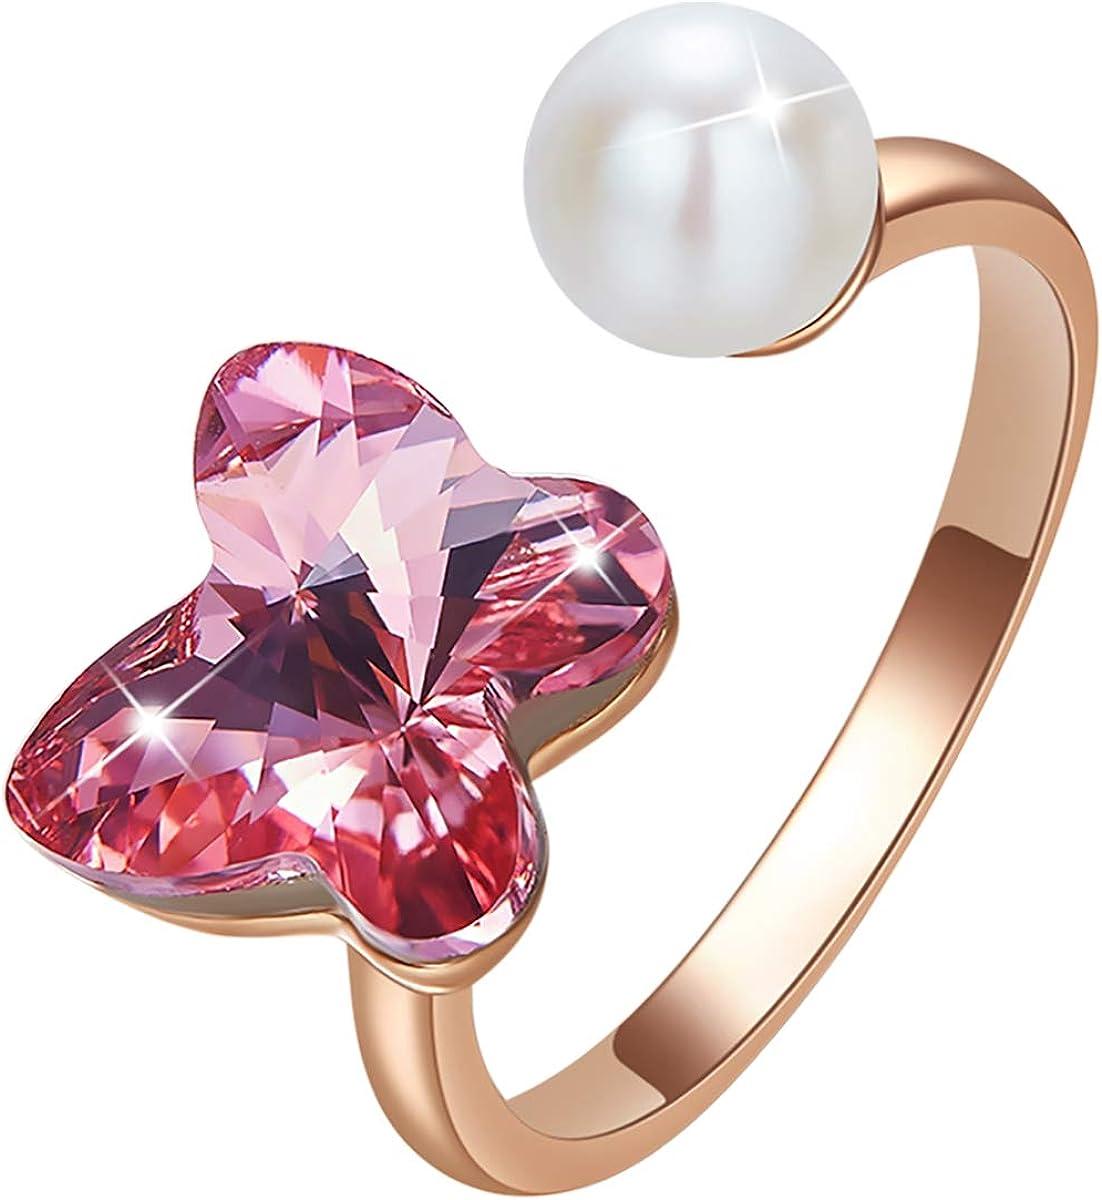 CRYSLOVE Femmes Bague Ouverte Blanc Plaqu/é R/églable Cube Cristal Fleur Taille Libre Bague Ouverte Saint Valentin Anniversaire Cadeaux Bijoux